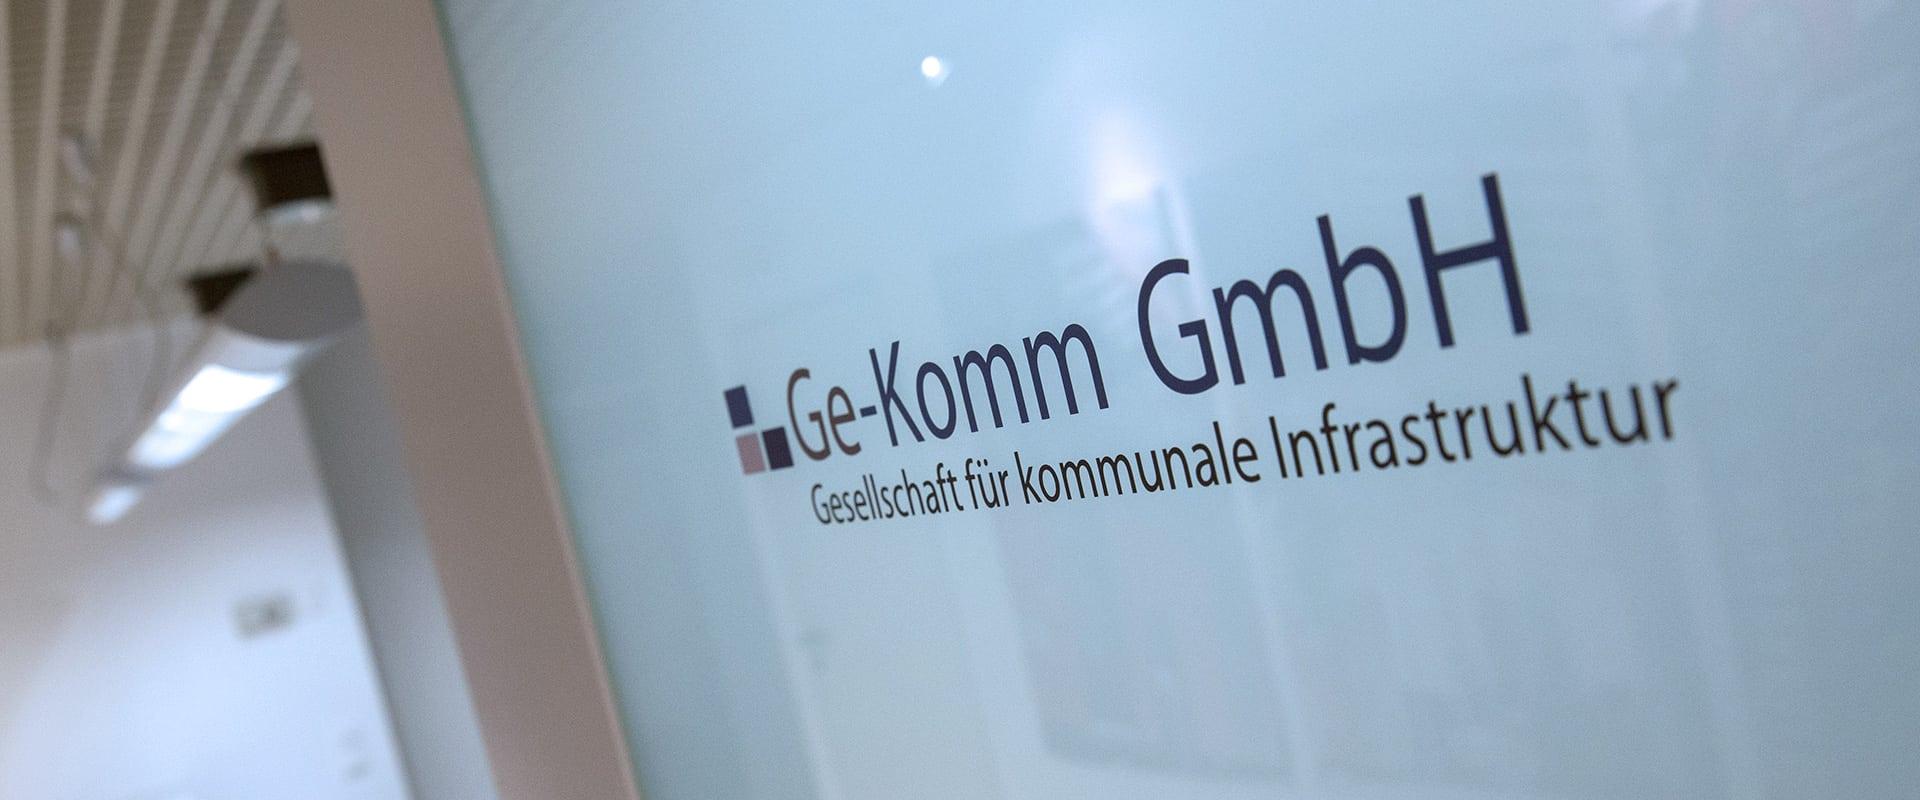 Ge-Komm-GmbH-I-Empfang